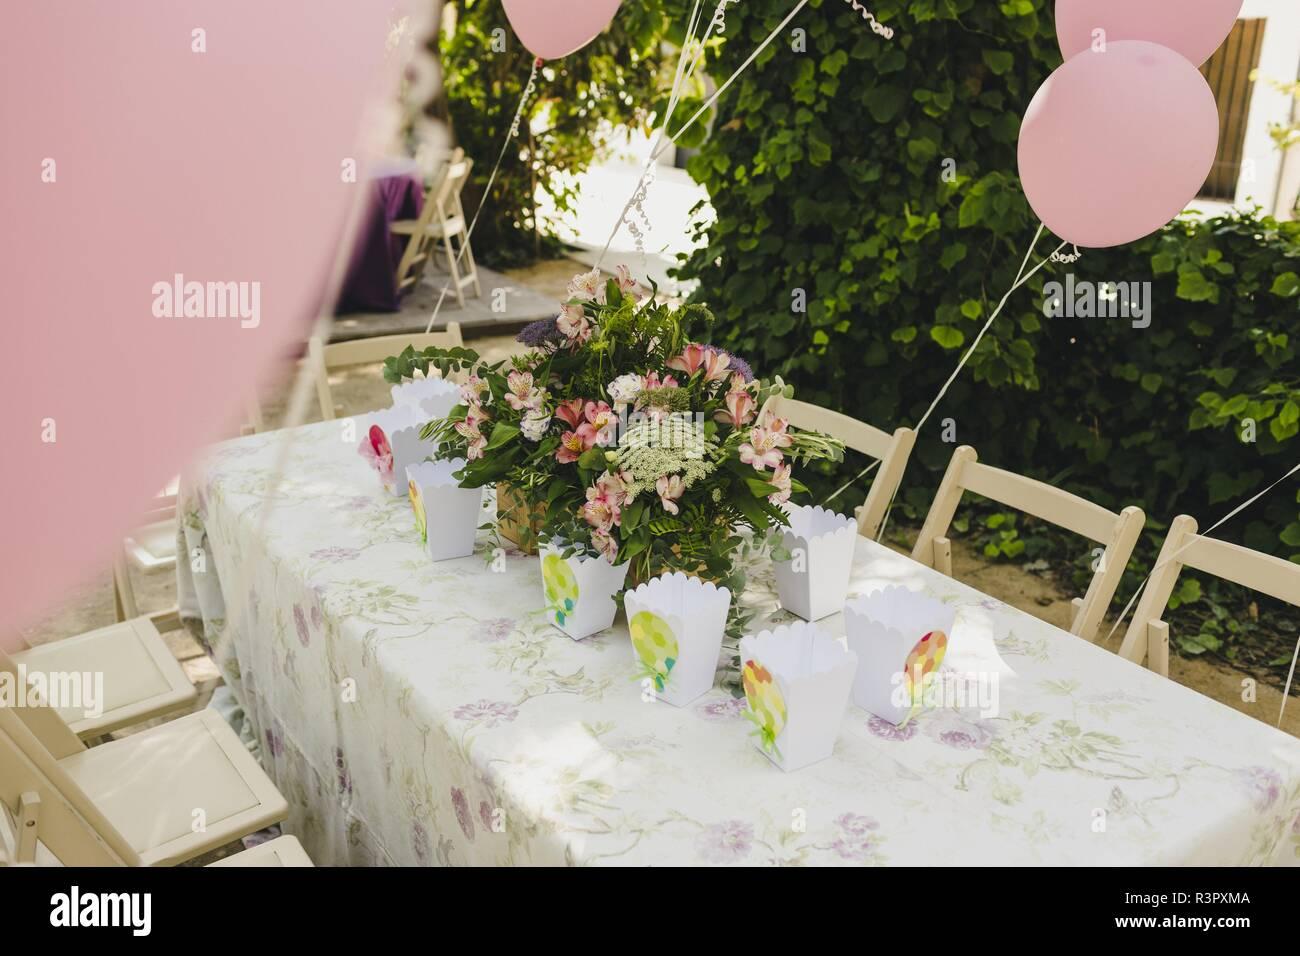 Bunte Luftballons Dekoration Einer Hochzeit Stockfoto Bild